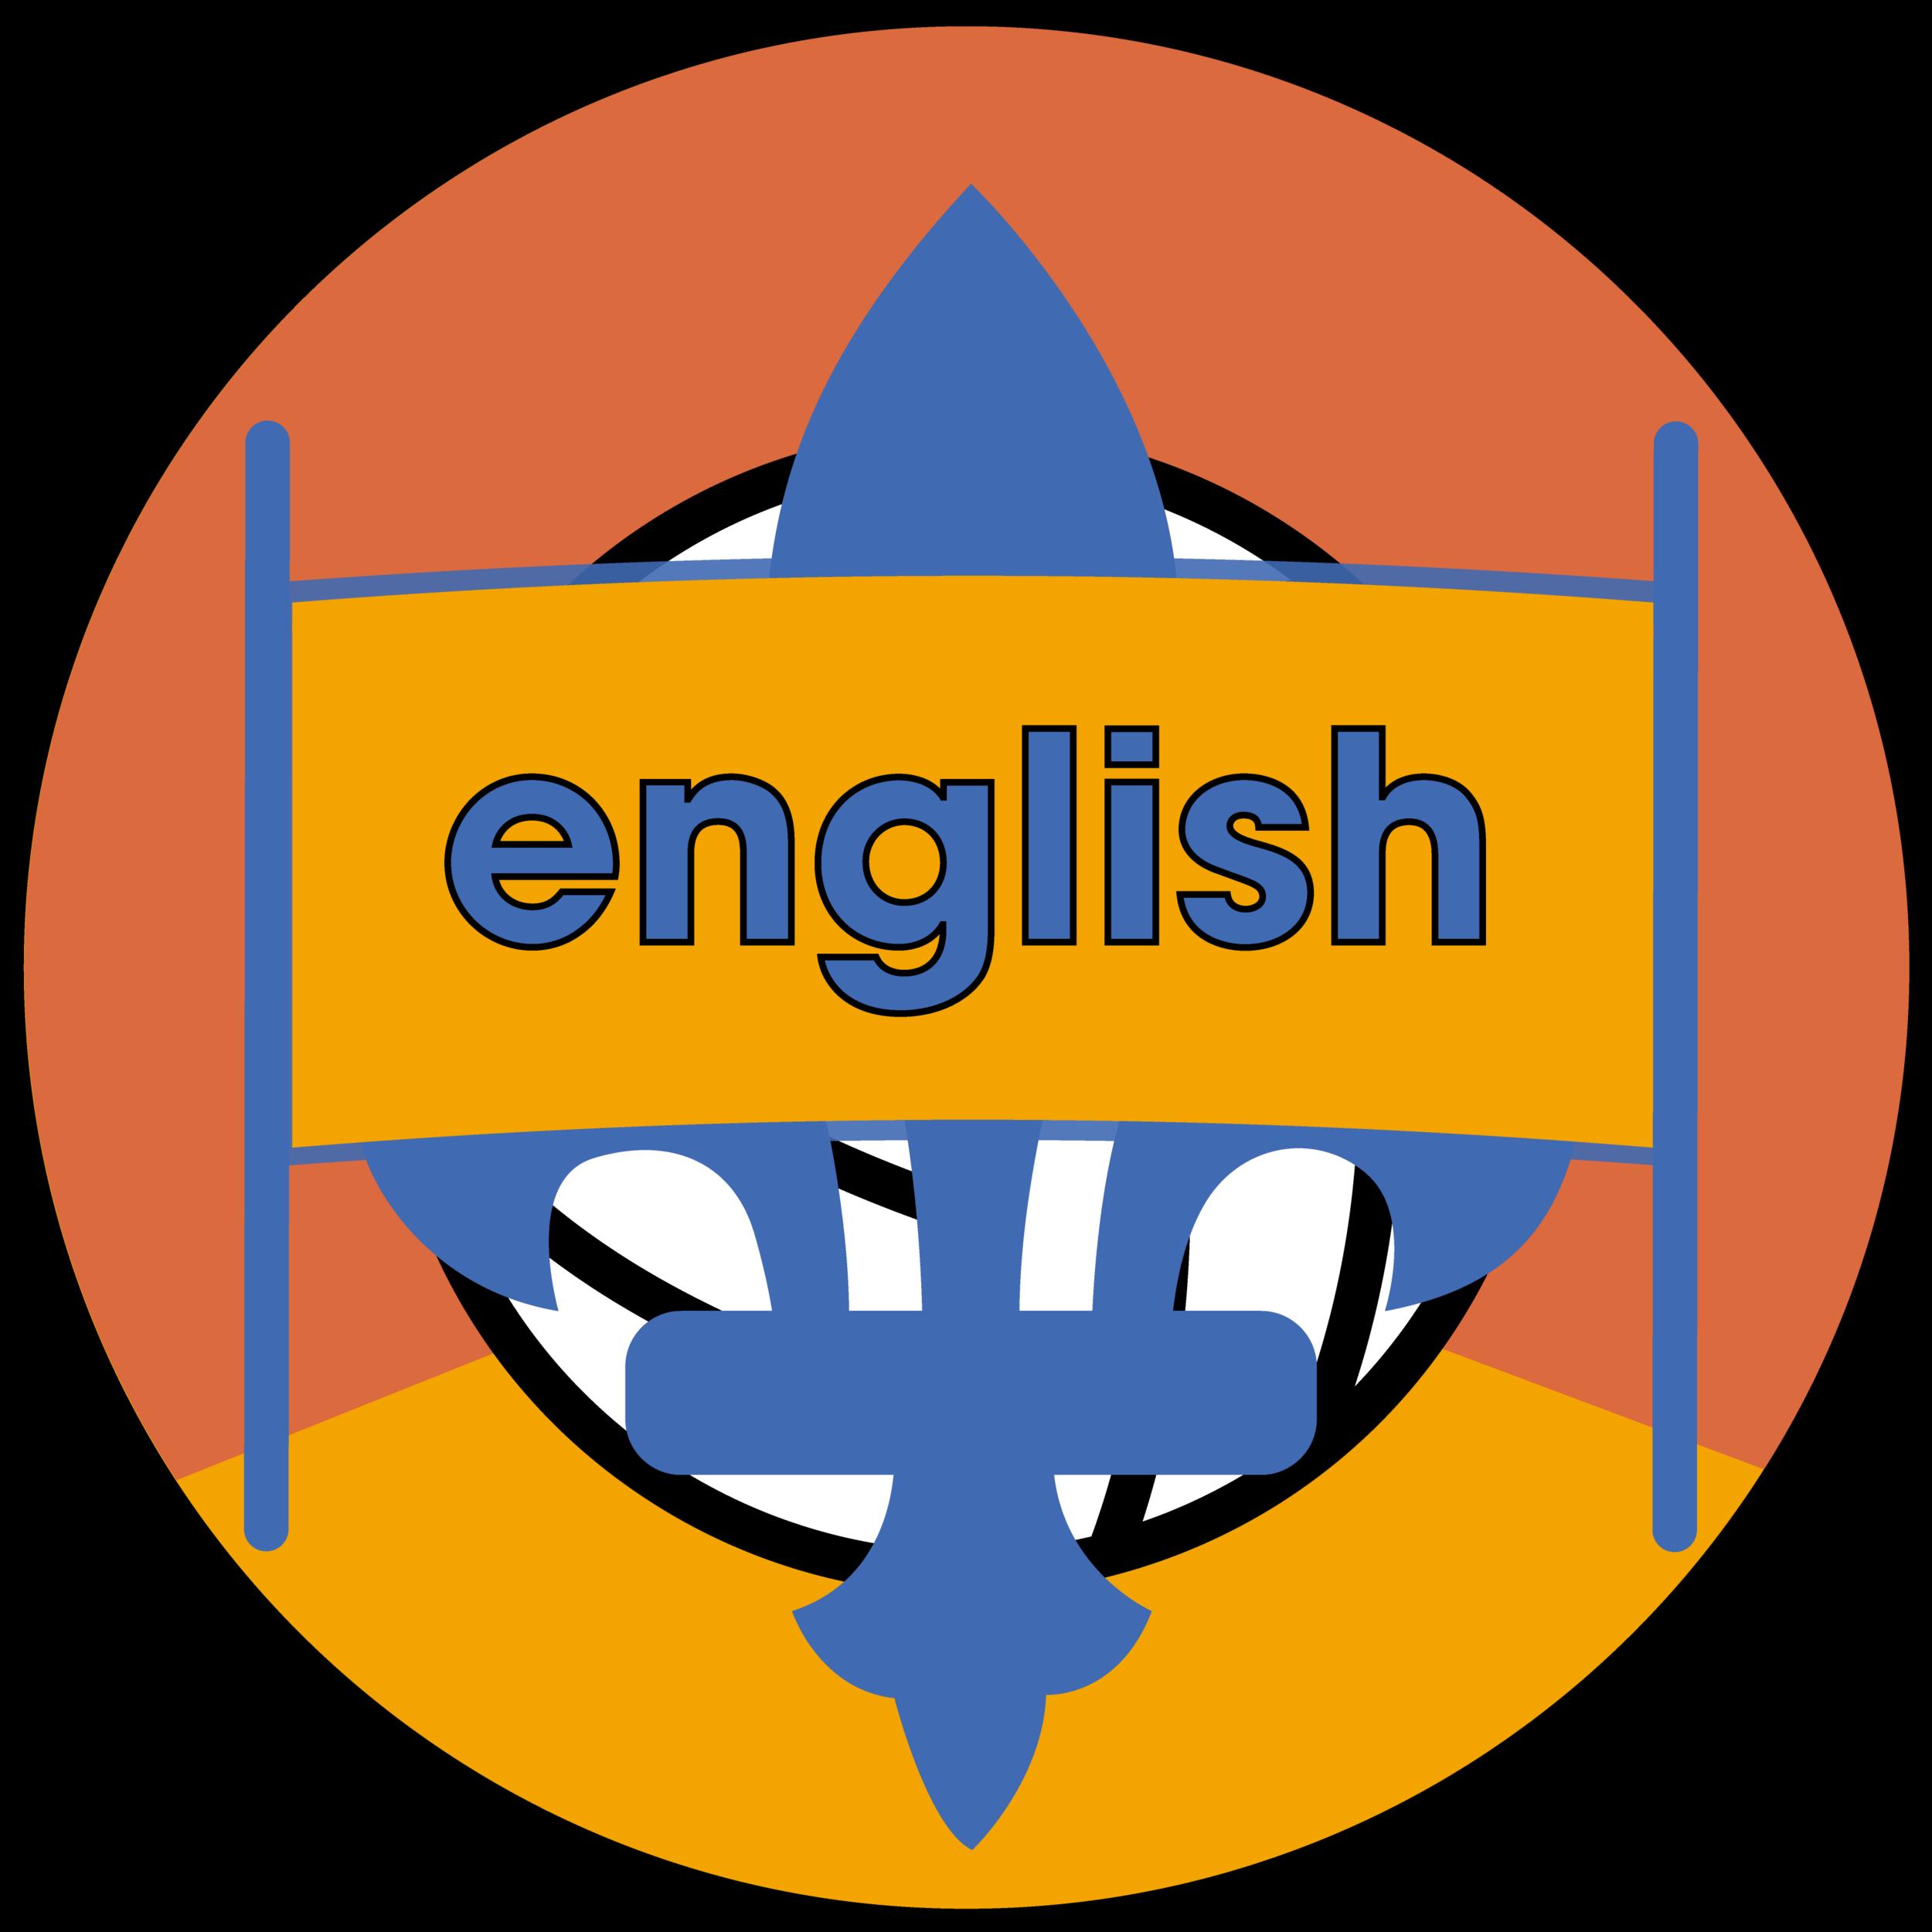 Challenger_Celtique_LOGO_ENGLISH.png